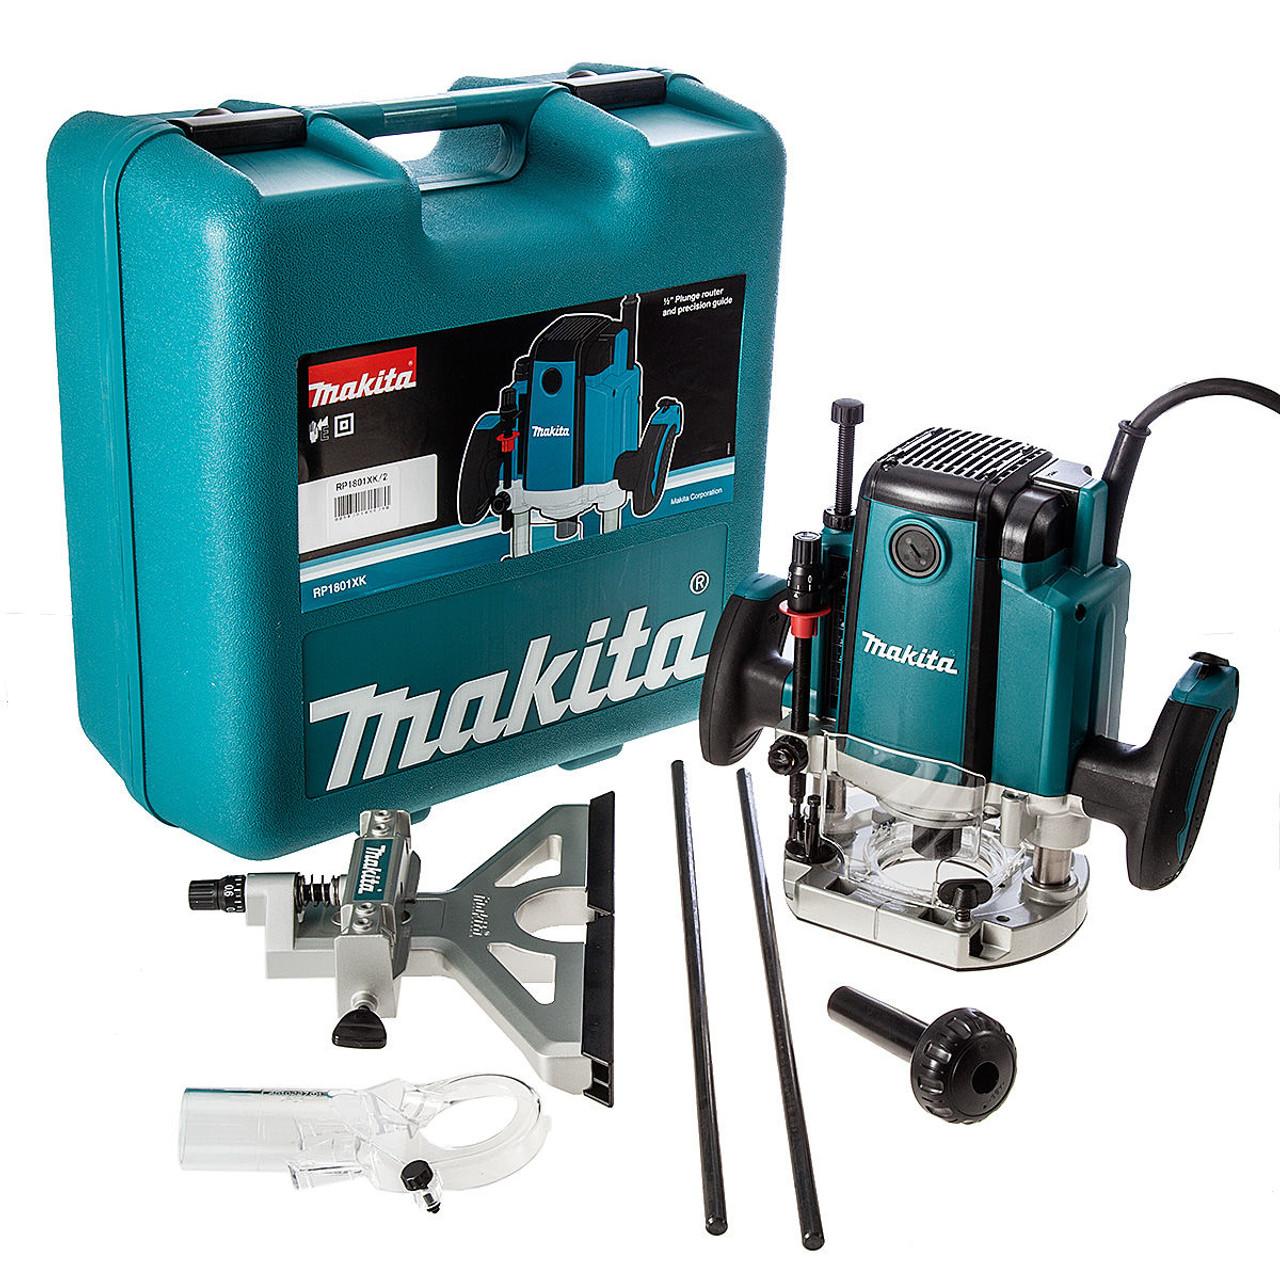 Makita Rp1801xk 1 2in Plunge Router In Kitbox 240v